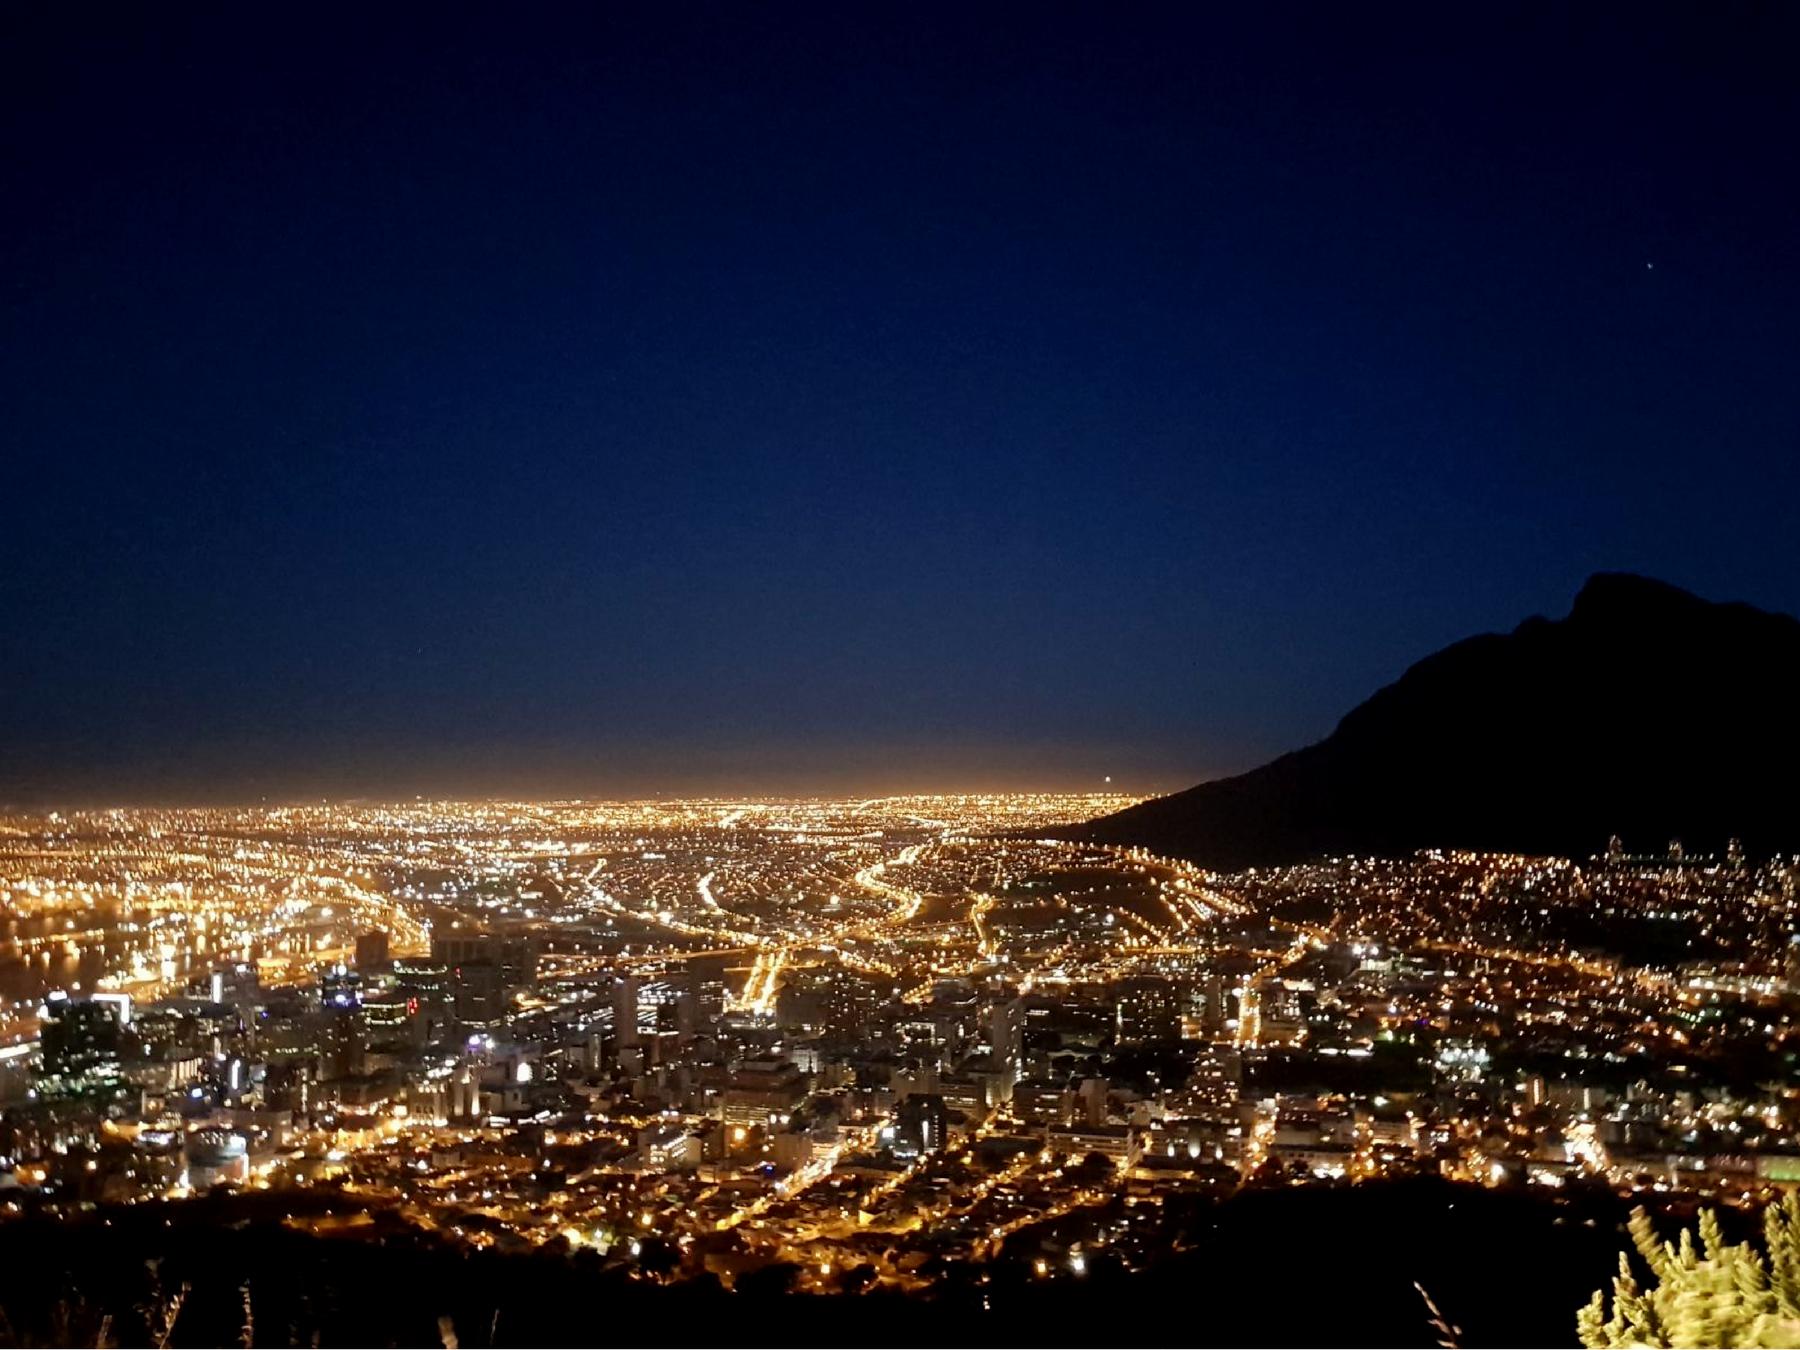 Roteiro-Cidade-do-Cabo-4-a-7-dias-signall-hill Roteiro Cidade do Cabo 4 a 7 dias (Sensacional)!